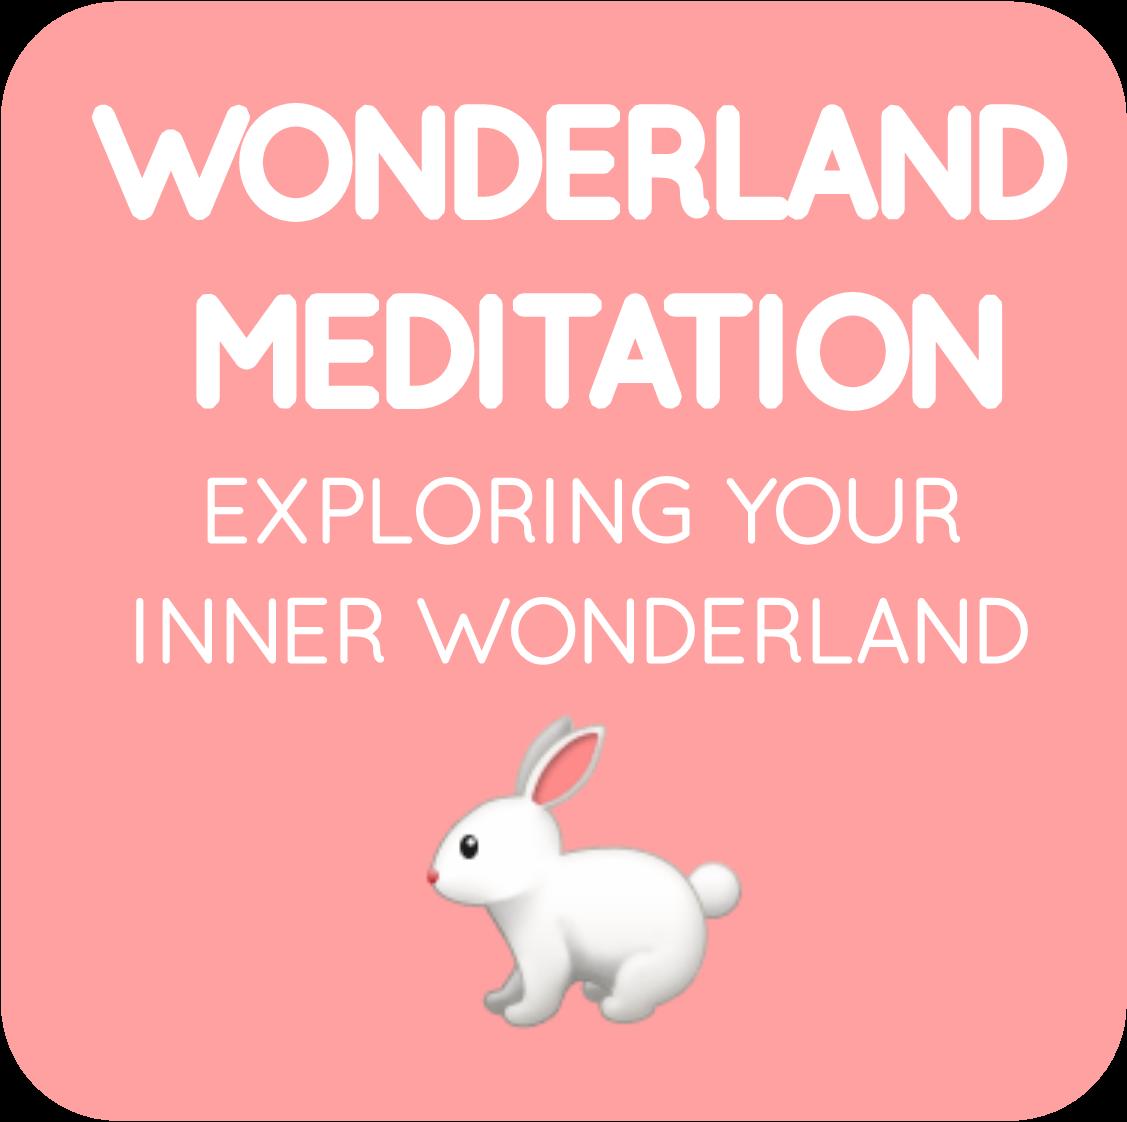 06-wonderland meditation.png